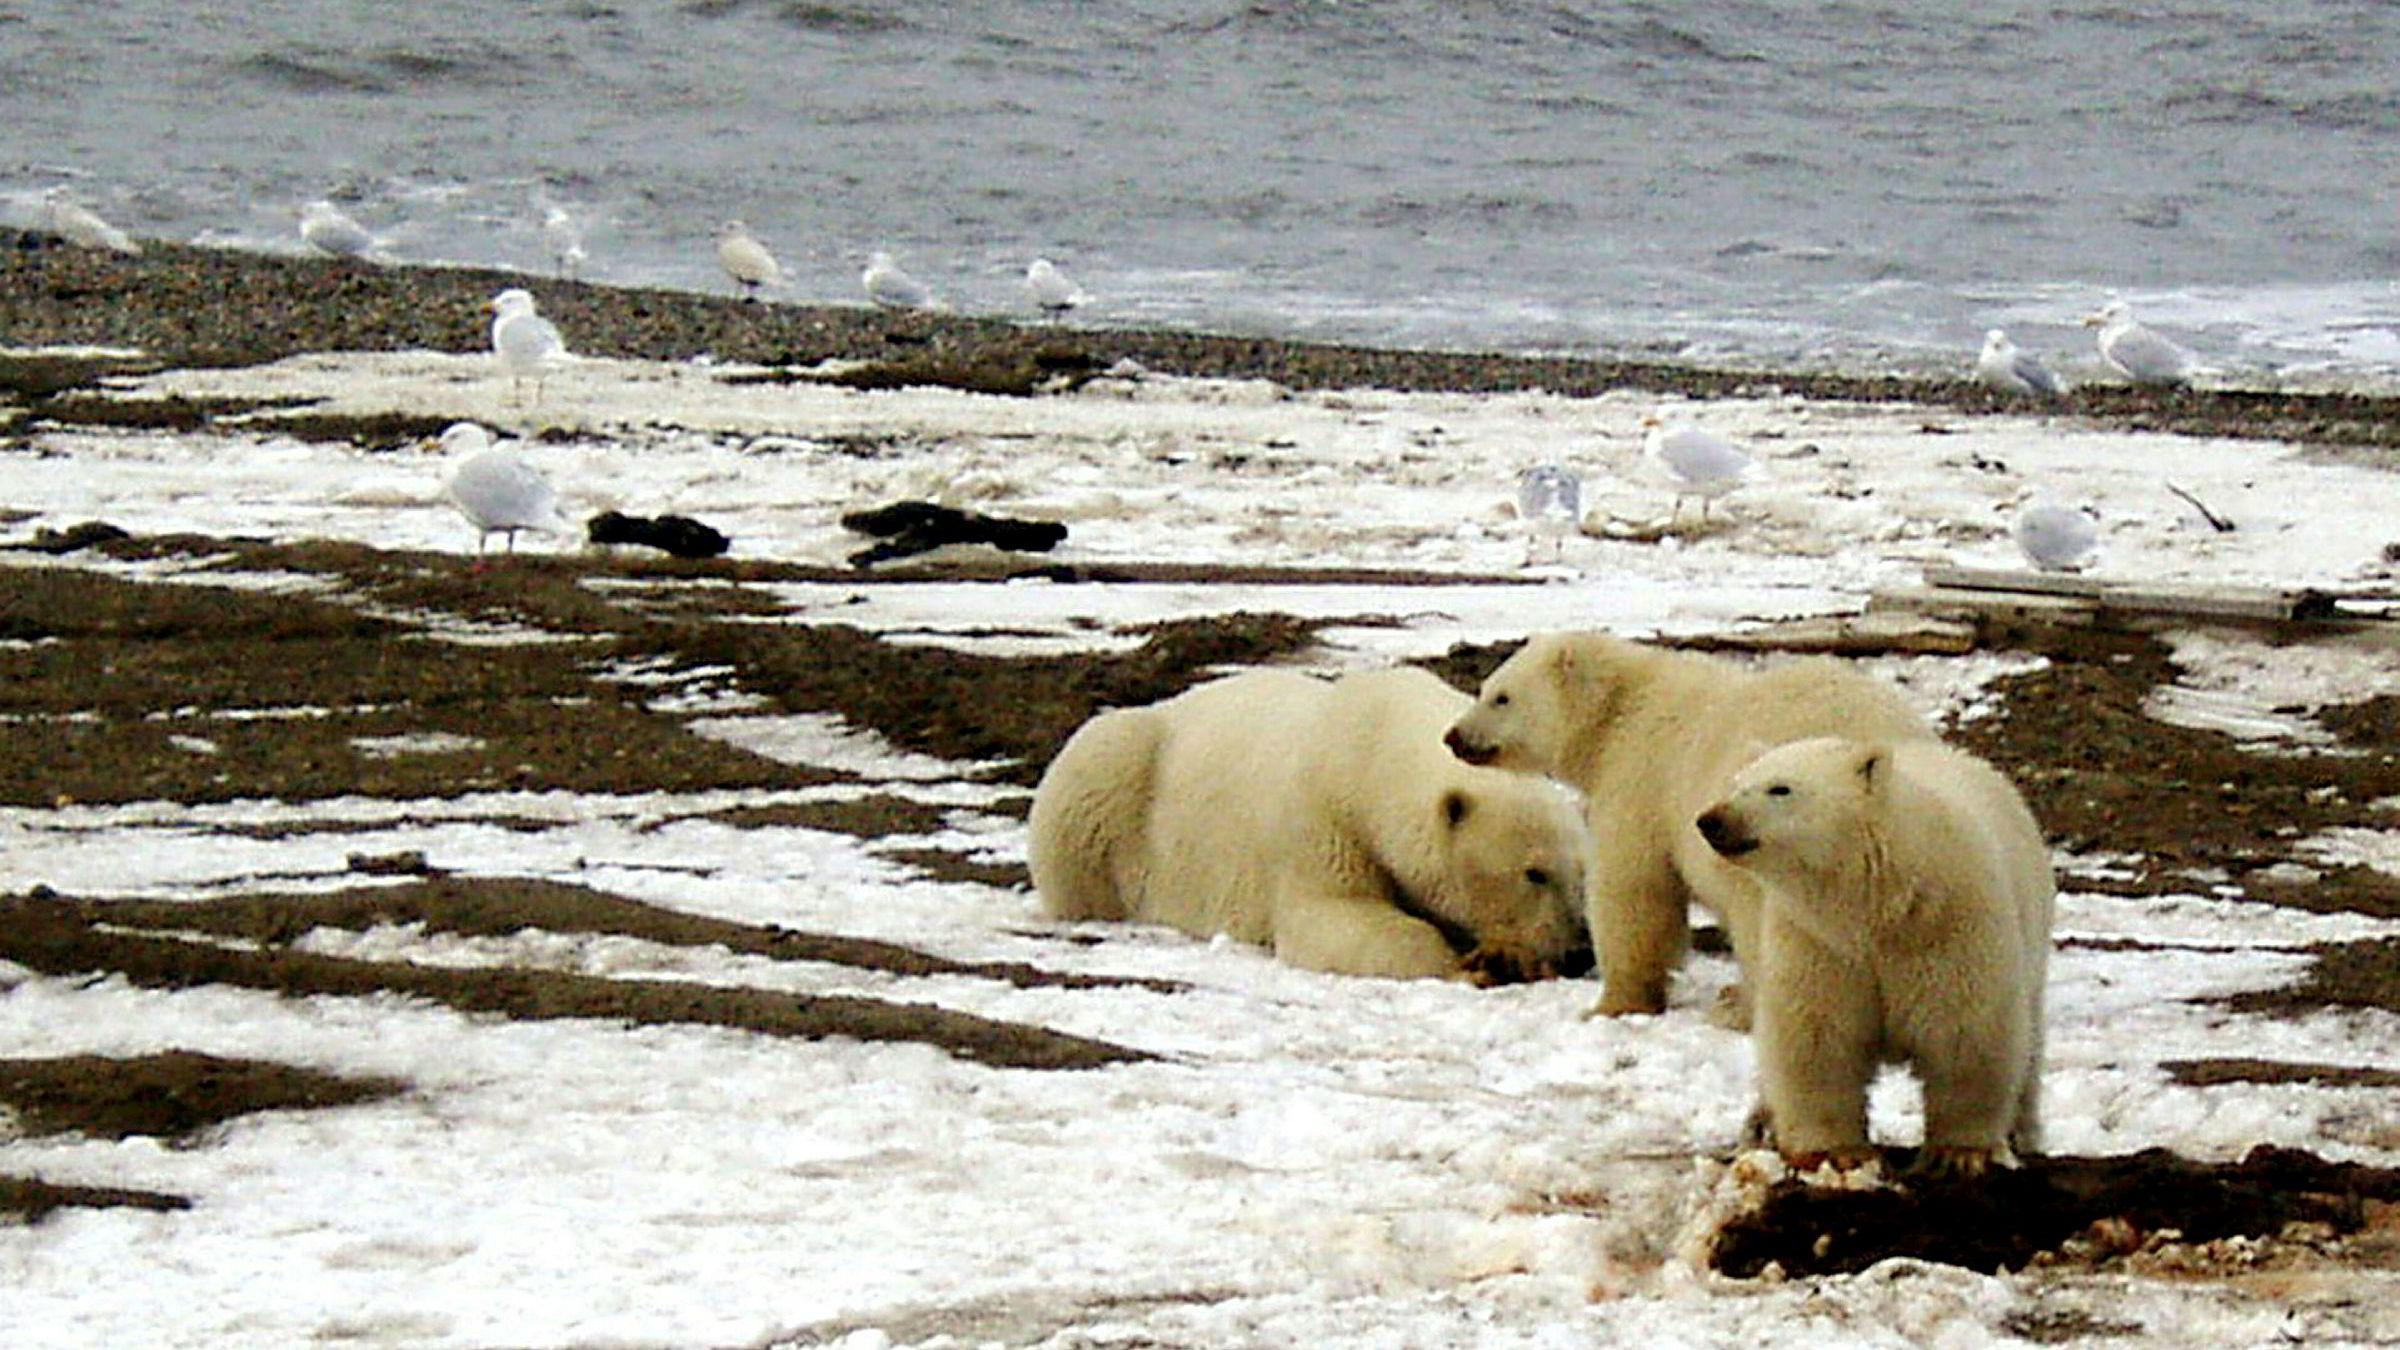 Barack Obama setter foten ned for ny oljeleting iarktiske farvann. Bildet viser en isbjørn og to unger ved kysten av Beauforthavet ved nasjonalparken Arctic National Wildlife.